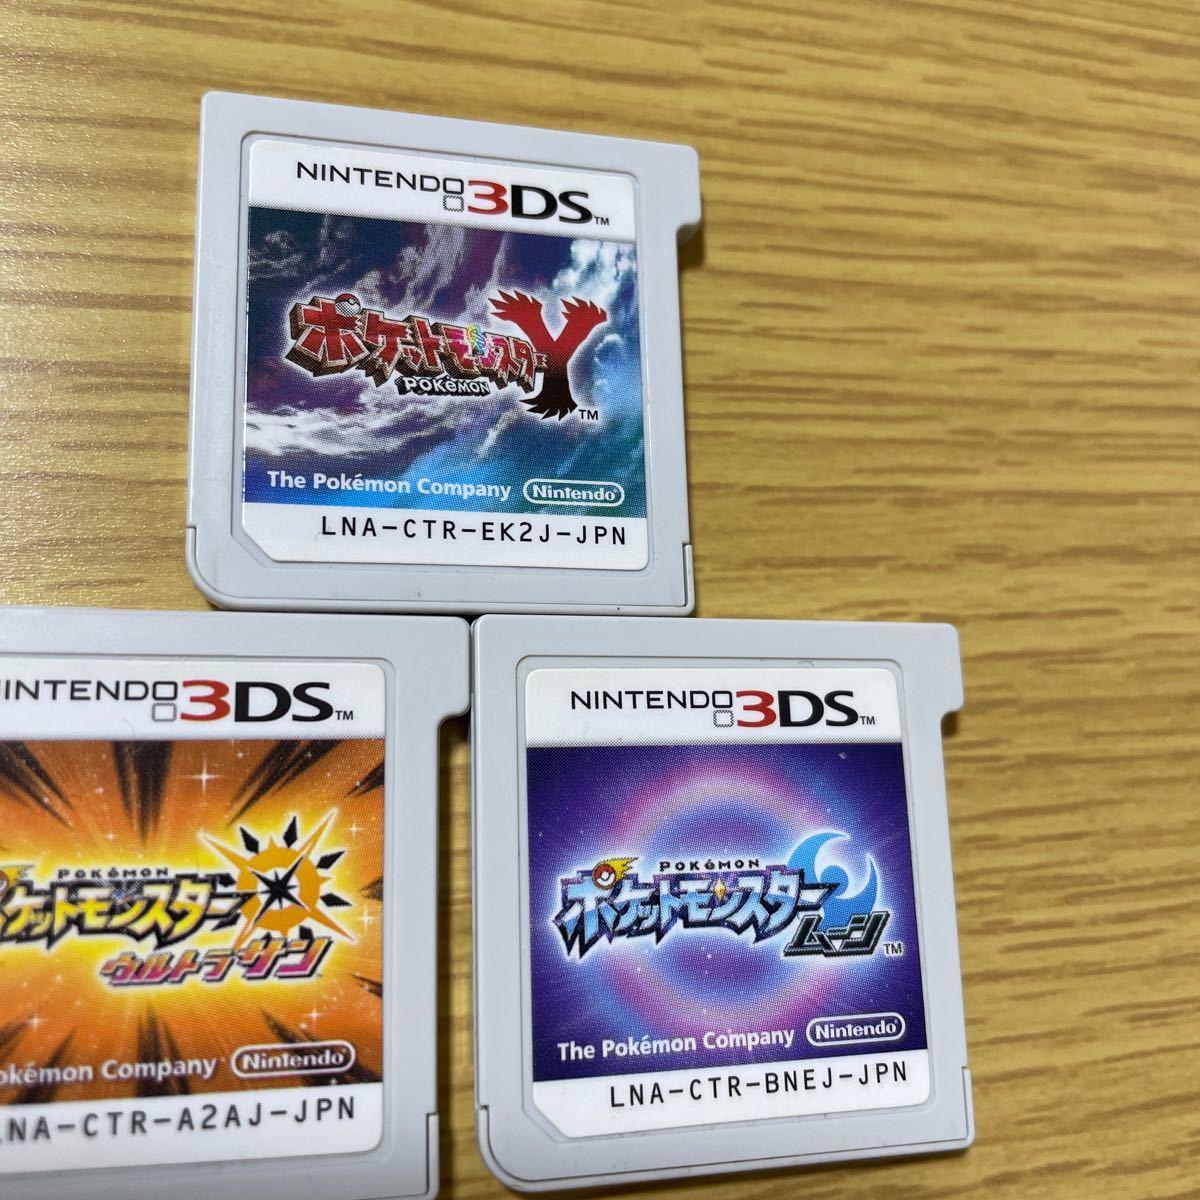 ポケモン 3DS ソフト ウルトラサンなど